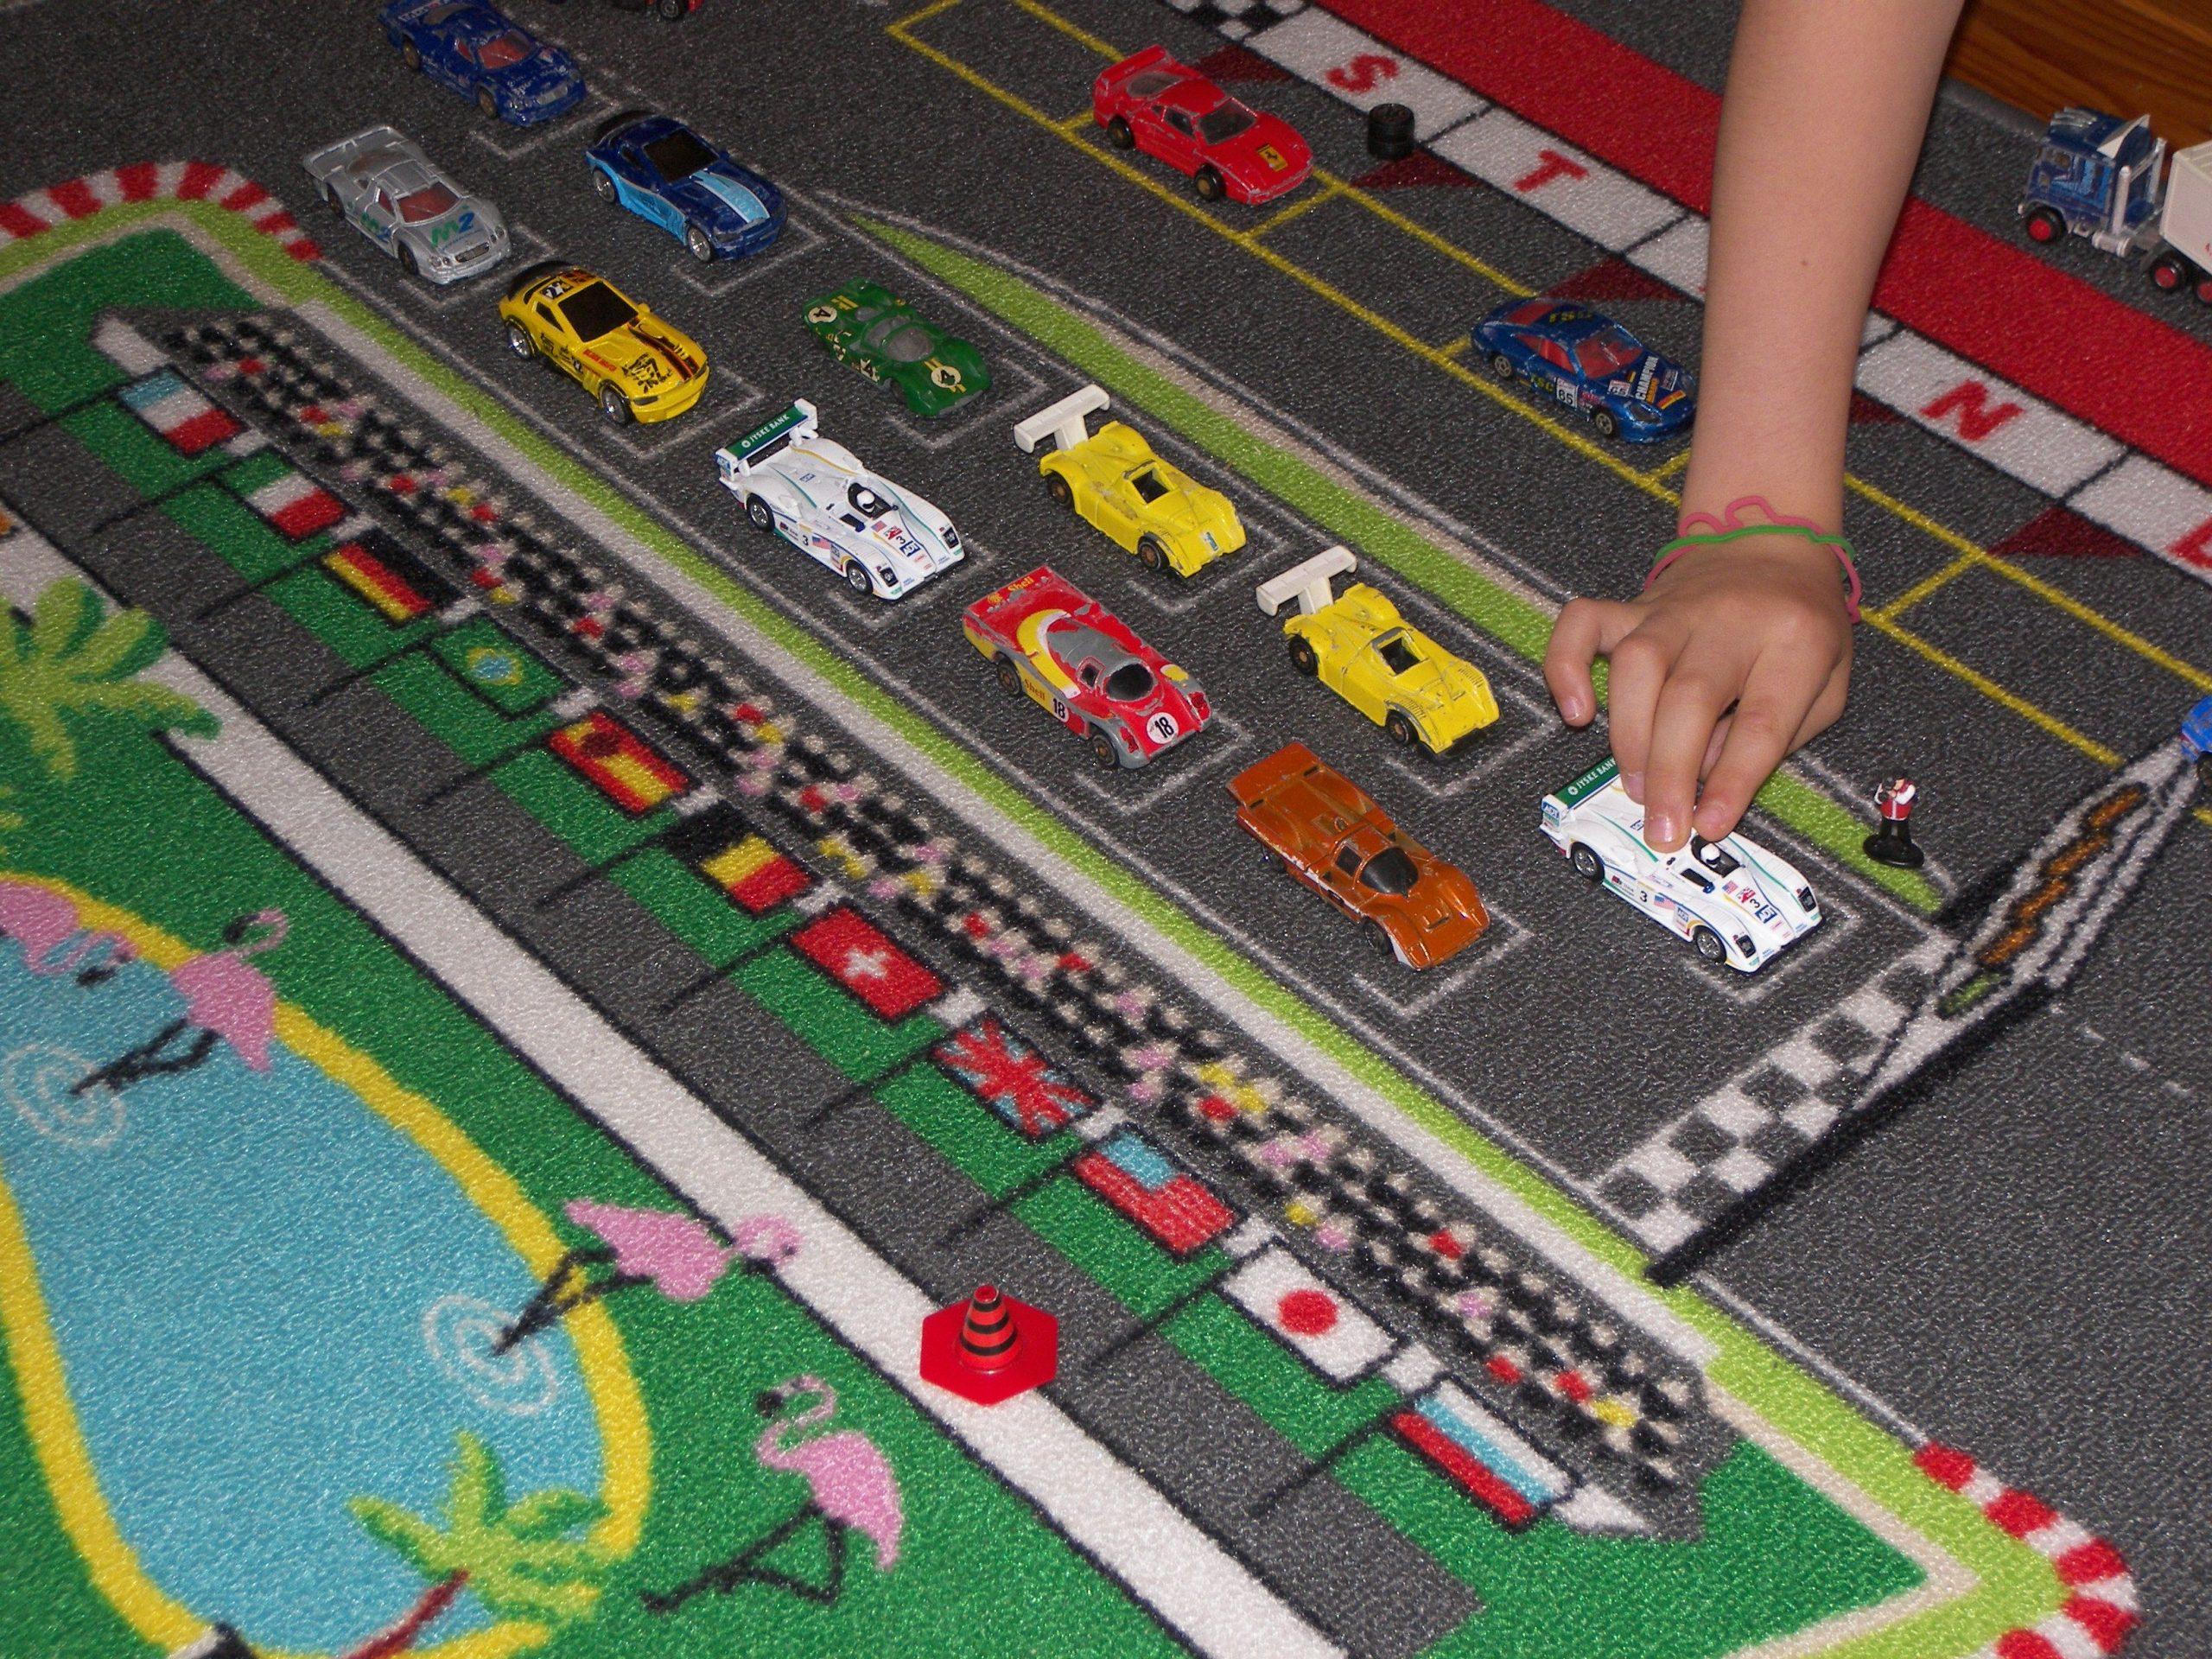 Course De Petite Voiture Sur Un Tapis De Formule 1 encequiconcerne Course De Voiture Pour Enfant